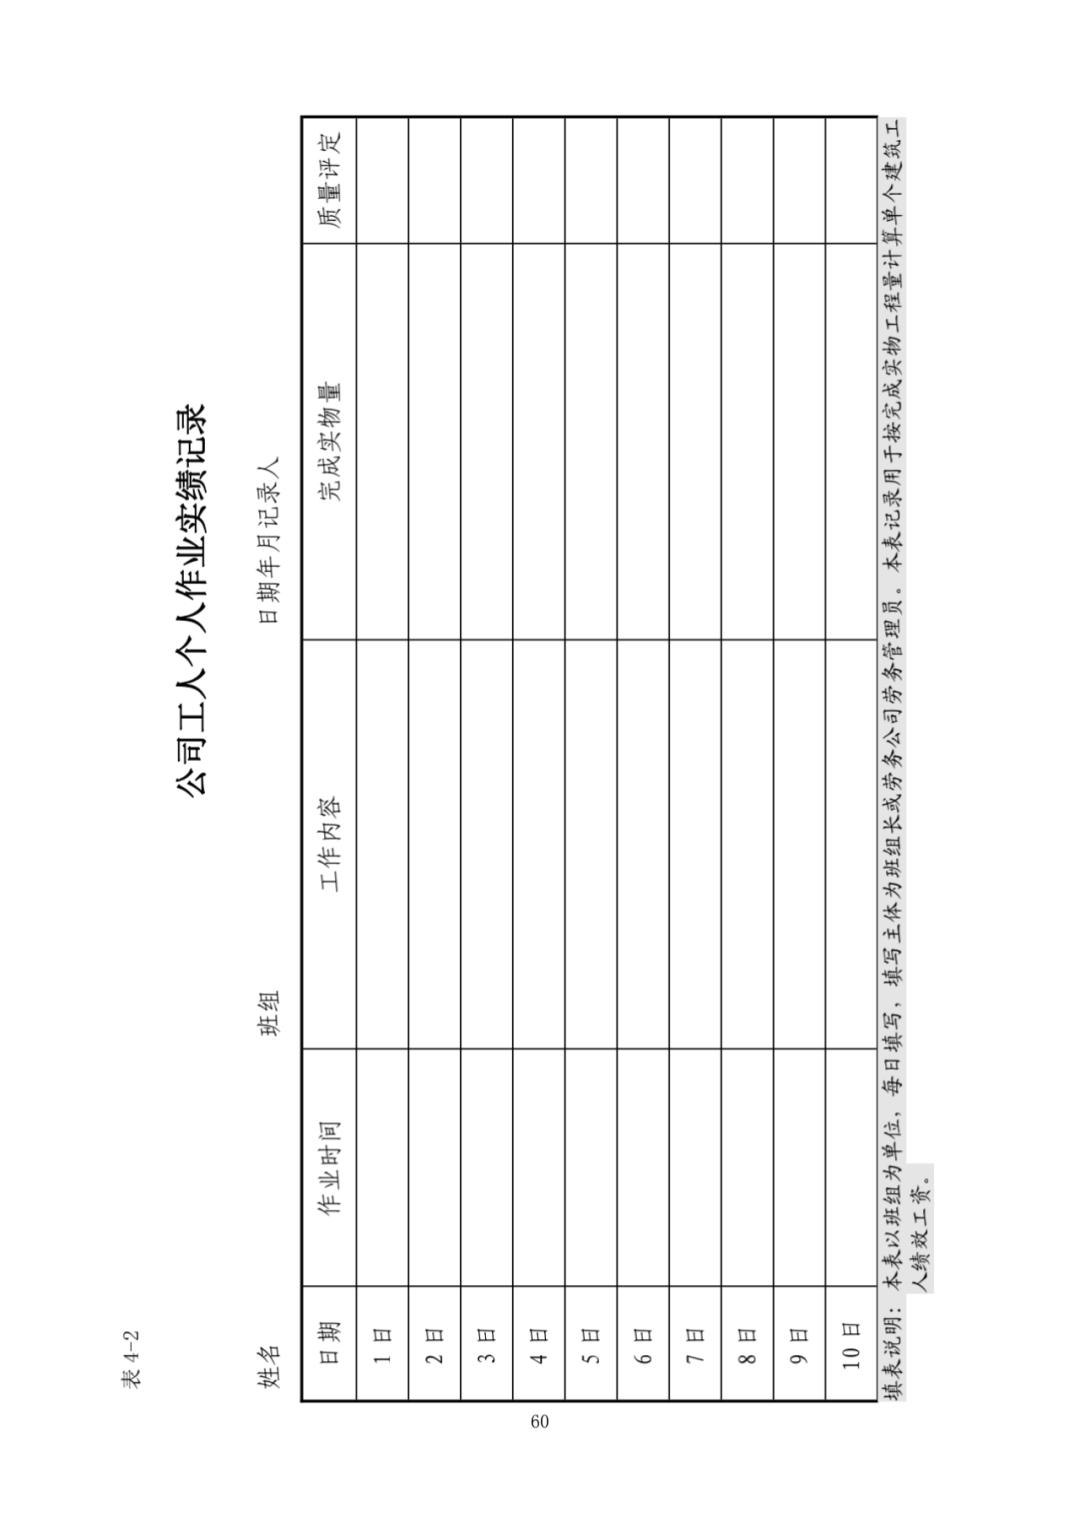 协议书/样表/流程图,全了!《建筑用工工资管理实务手册》完整版,供大家参考